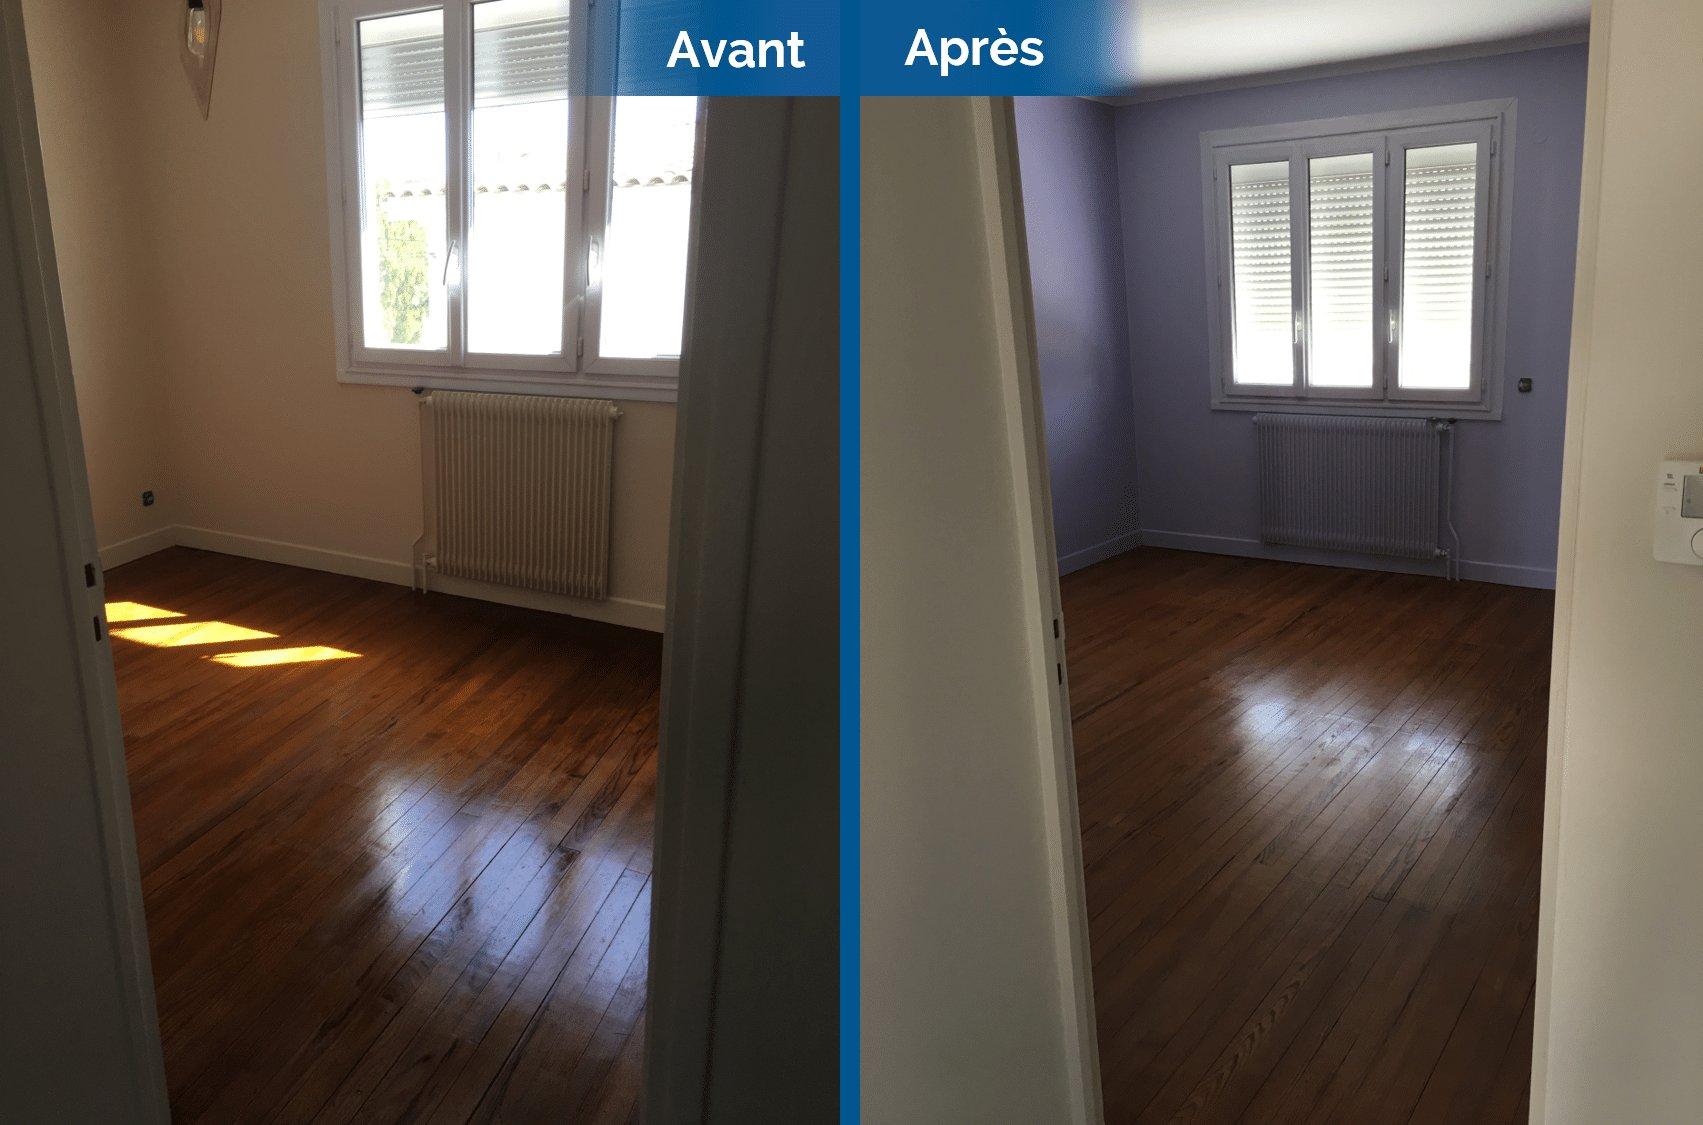 Avant/après d'une rénovation de maison à Toulouse (31)